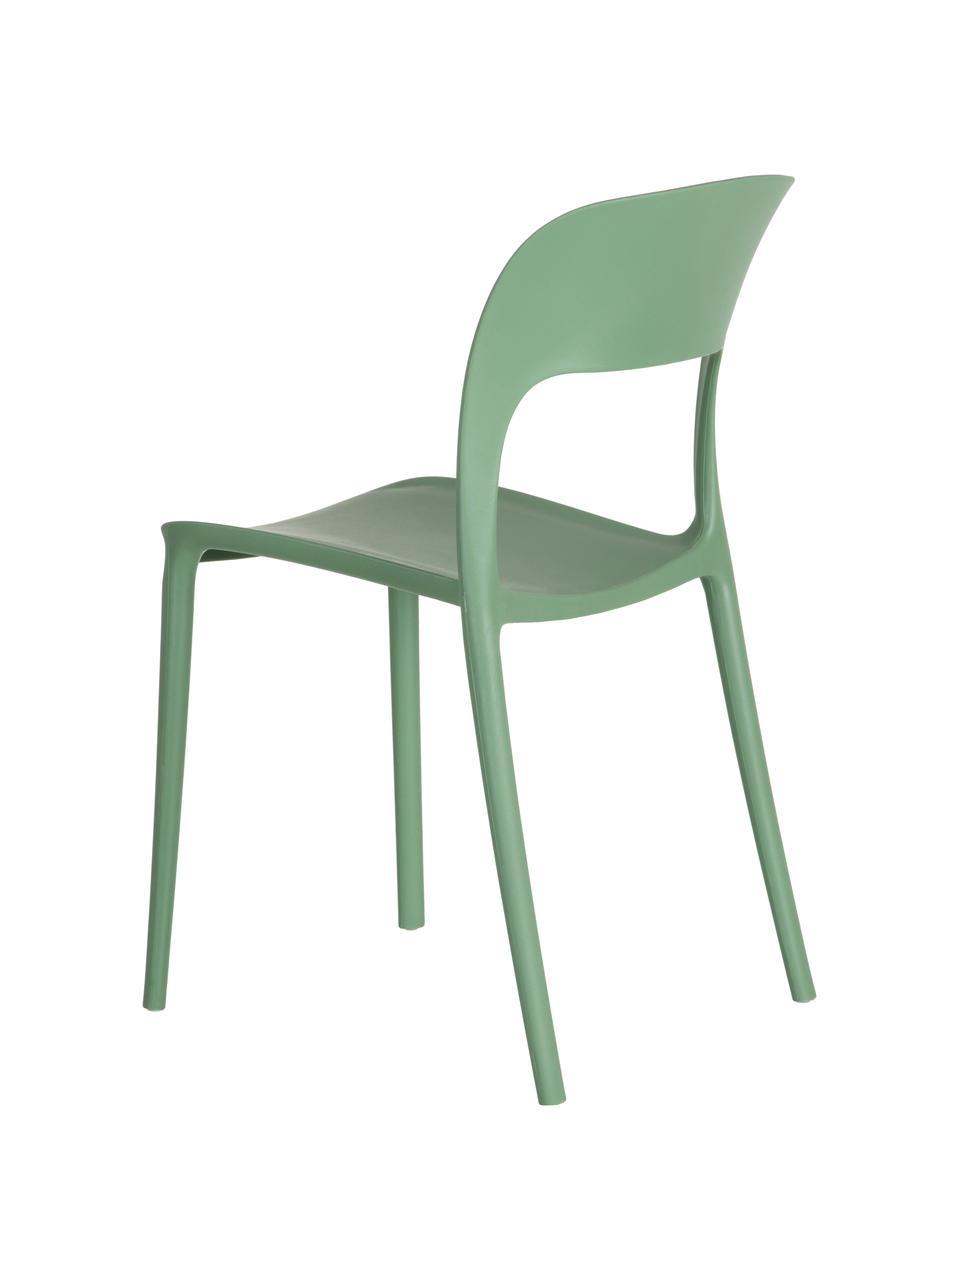 Krzesło z tworzywa sztucznego Valeria, Tworzywo sztuczne (PP), Miętowy, S 43 x G 43 cm